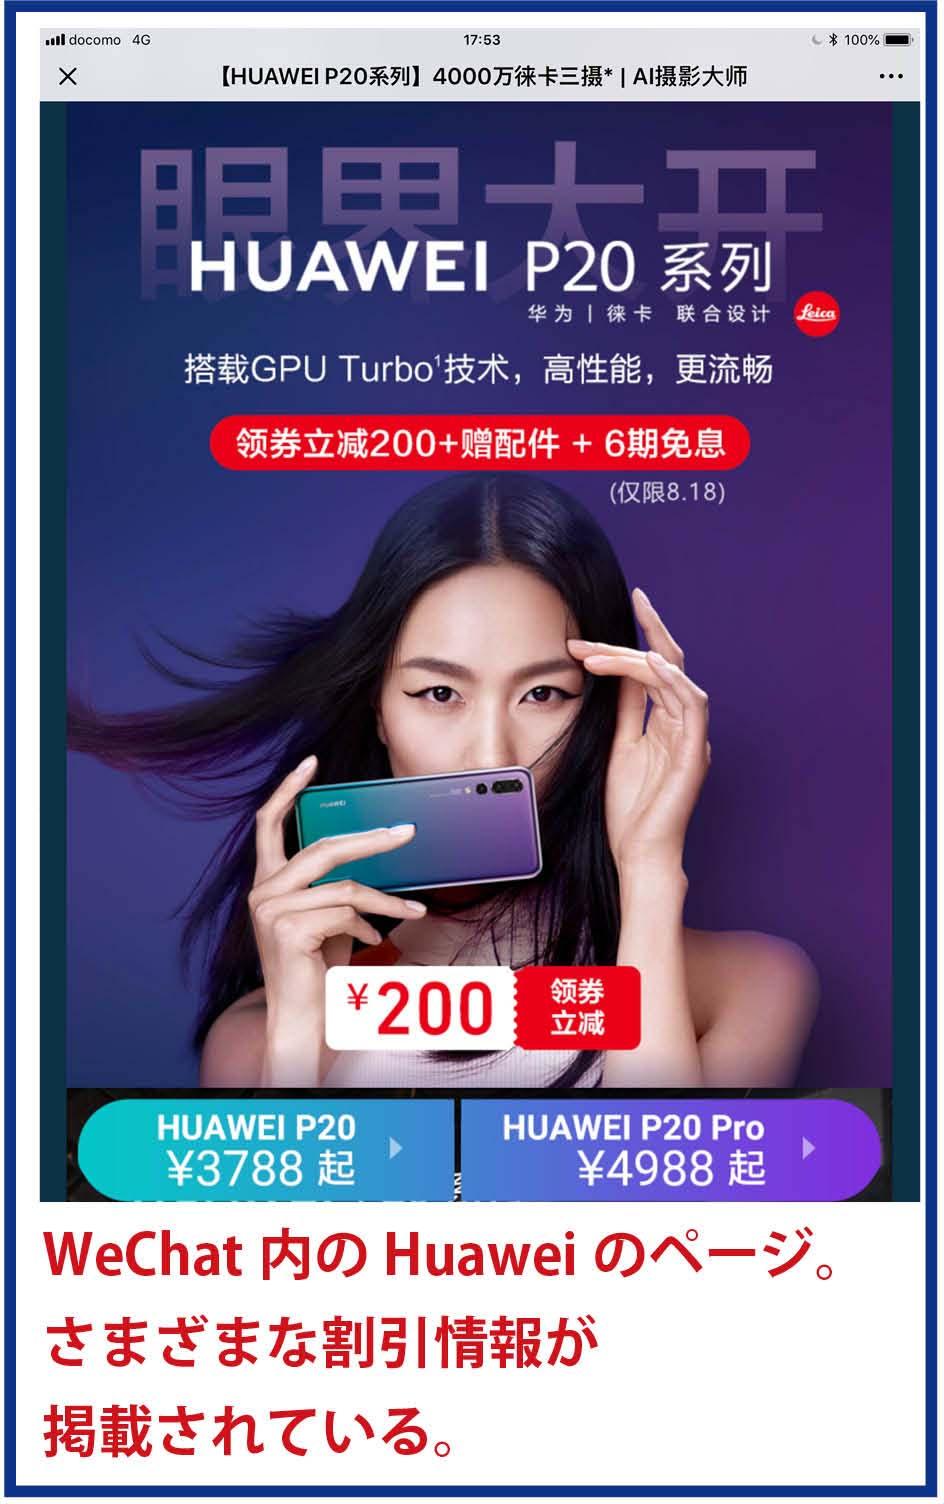 WeChat内のHuaweiのページ。さまざまな割引情報が掲載されている。